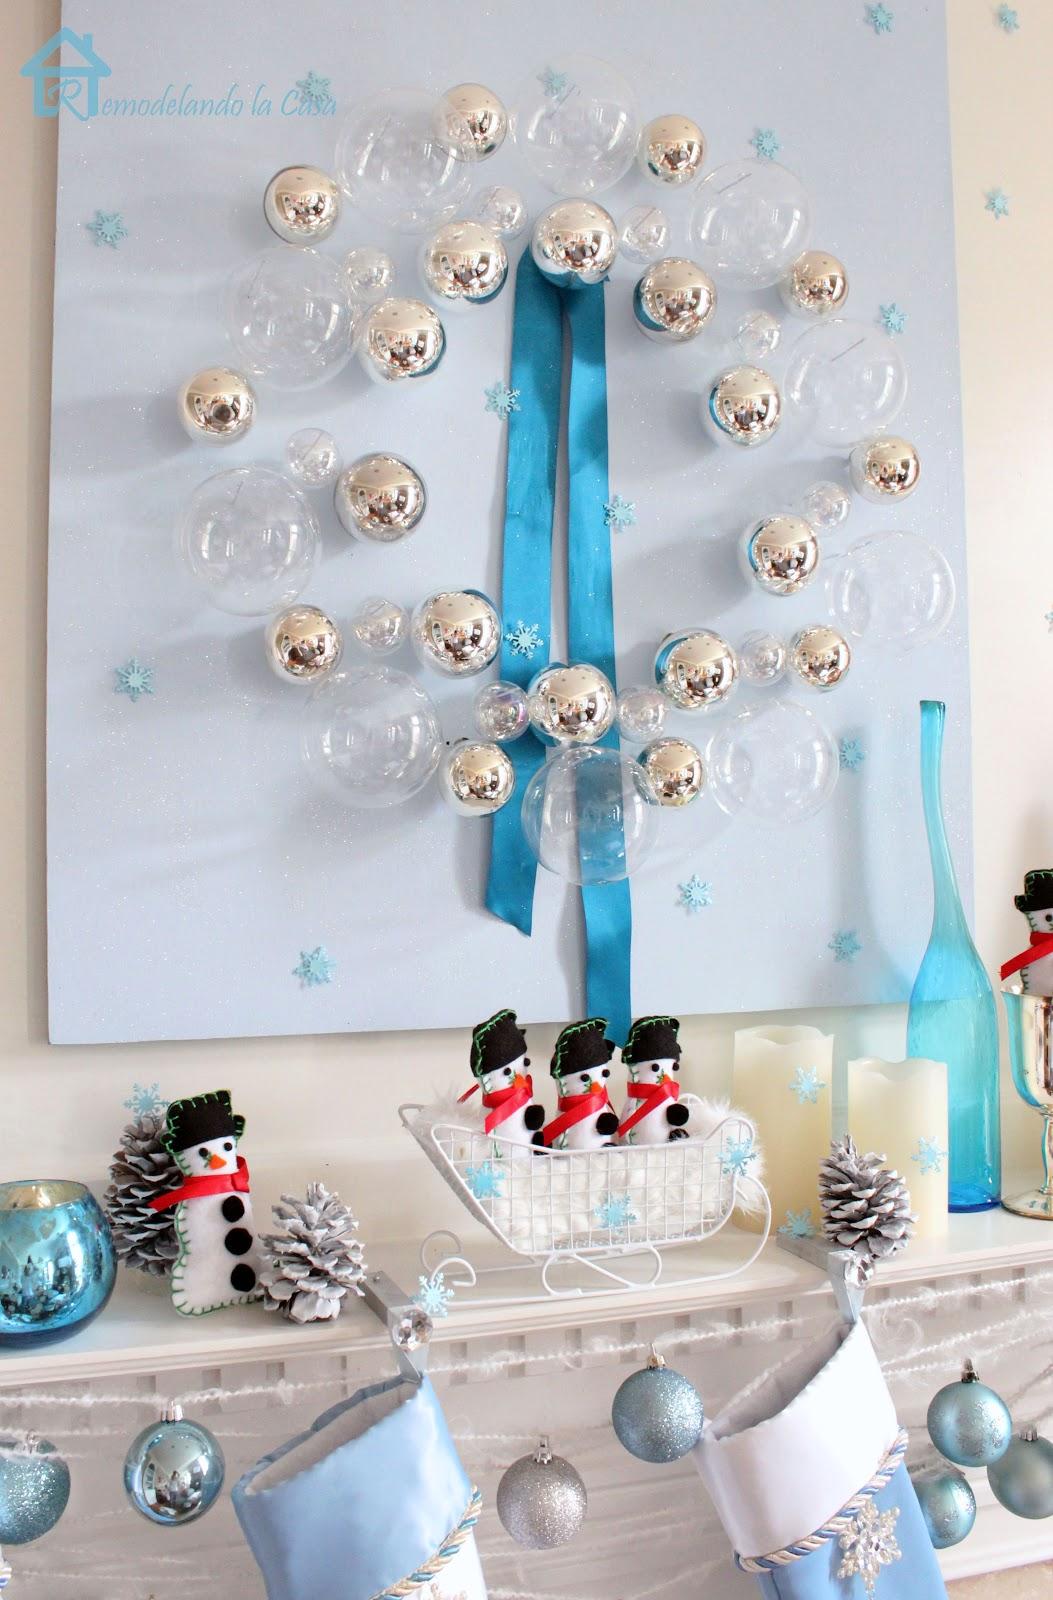 Blue Christmas Mantel Remodelando La Casa